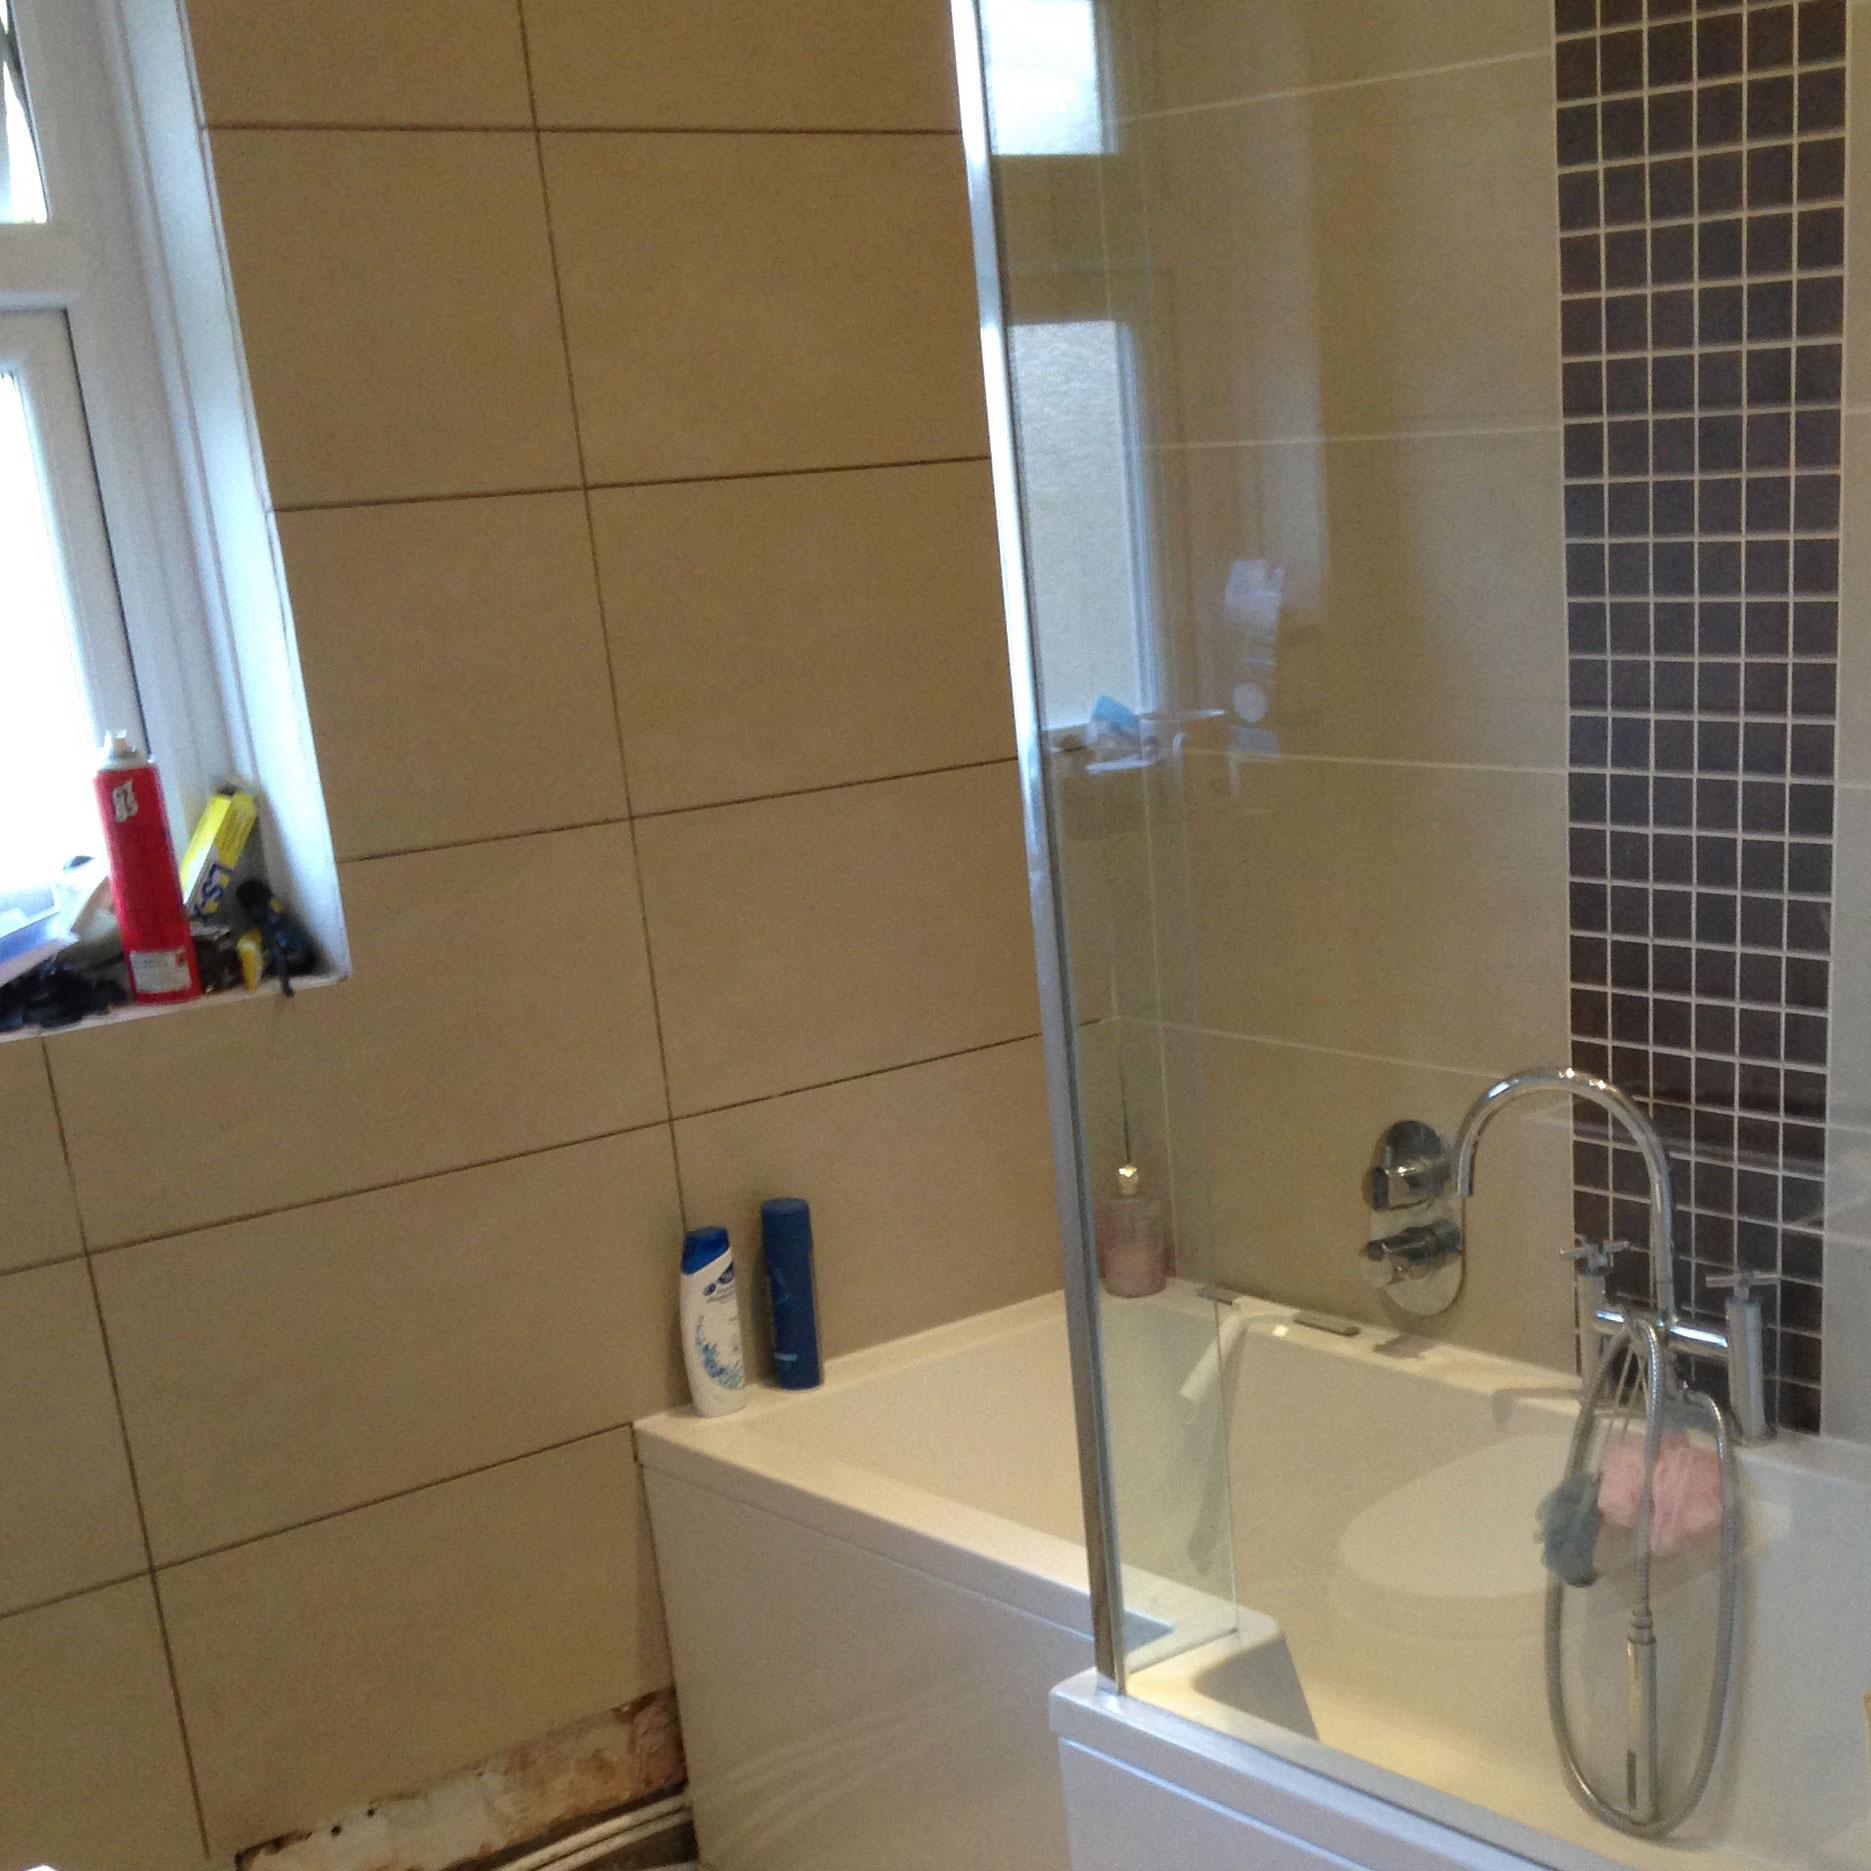 Bathroom Refit GB Building Services - Bathroom refit